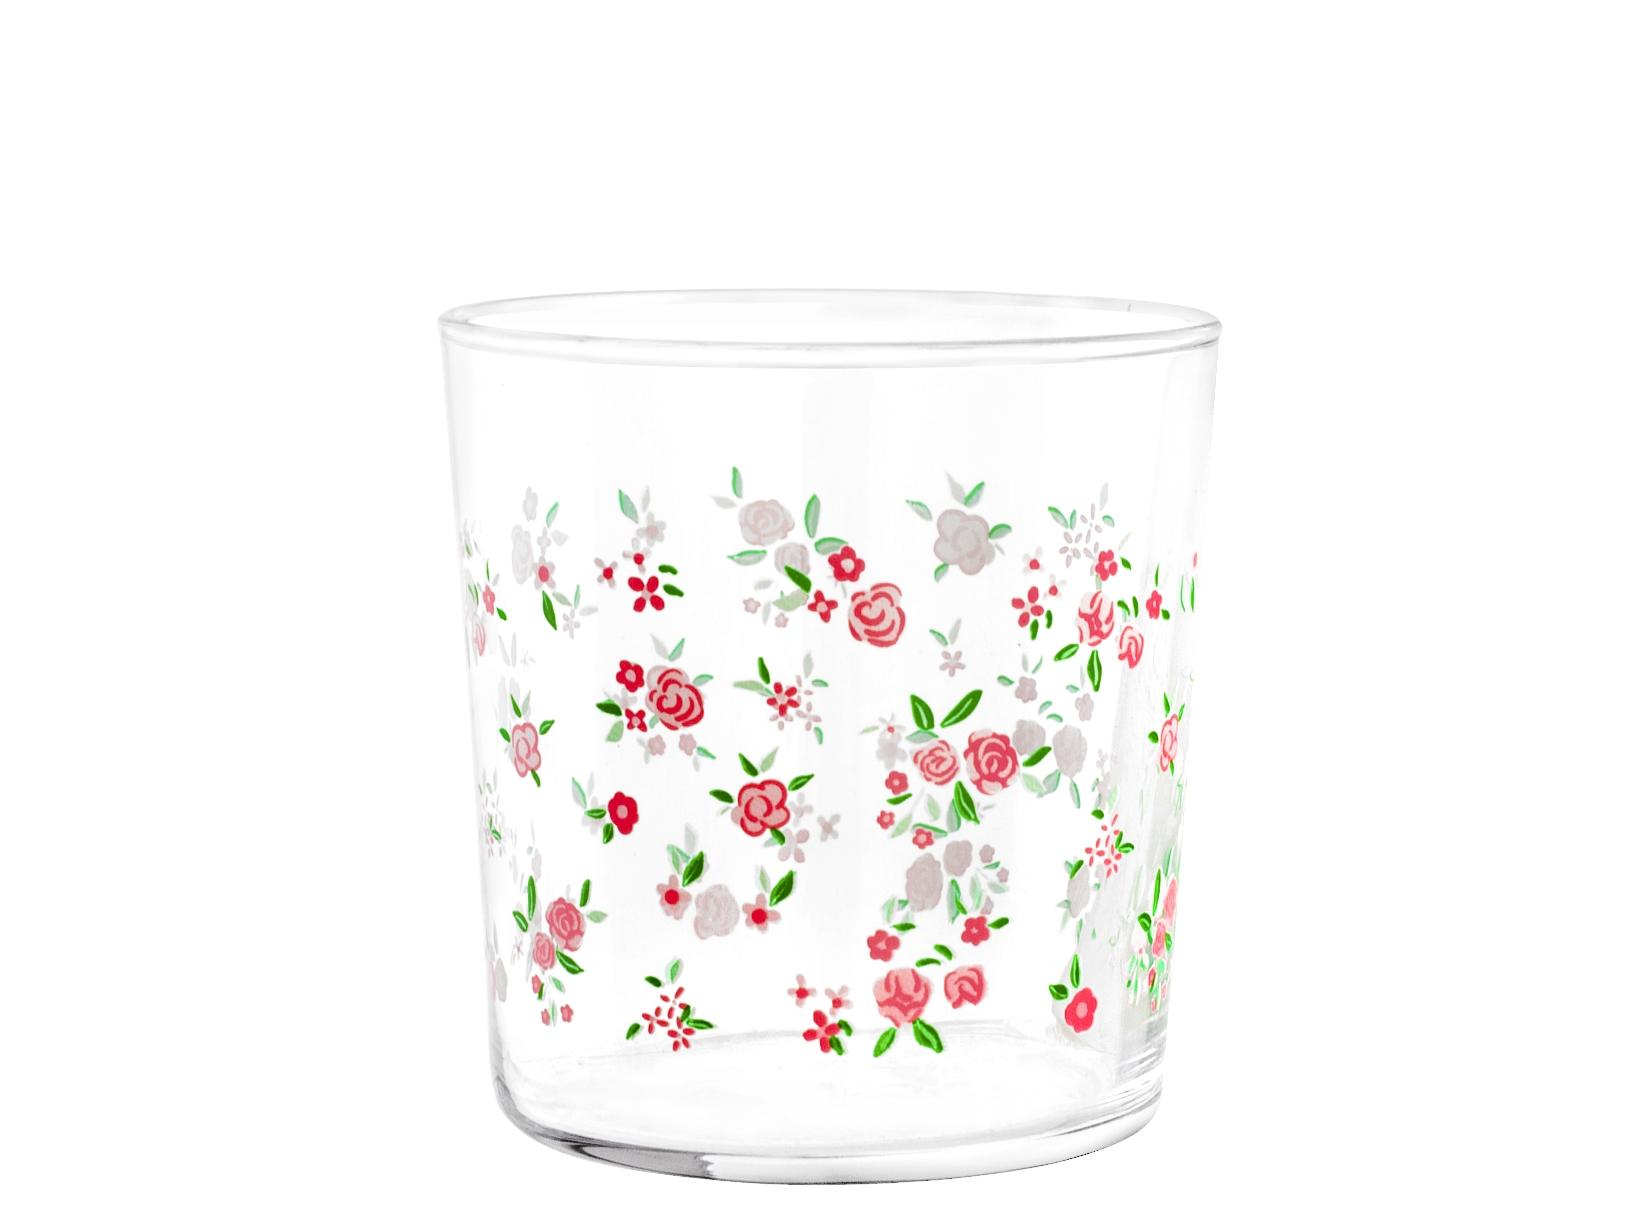 Acquista Set 6 Bicchiere Vetro Decoro Spring 17499330 | Glooke.com